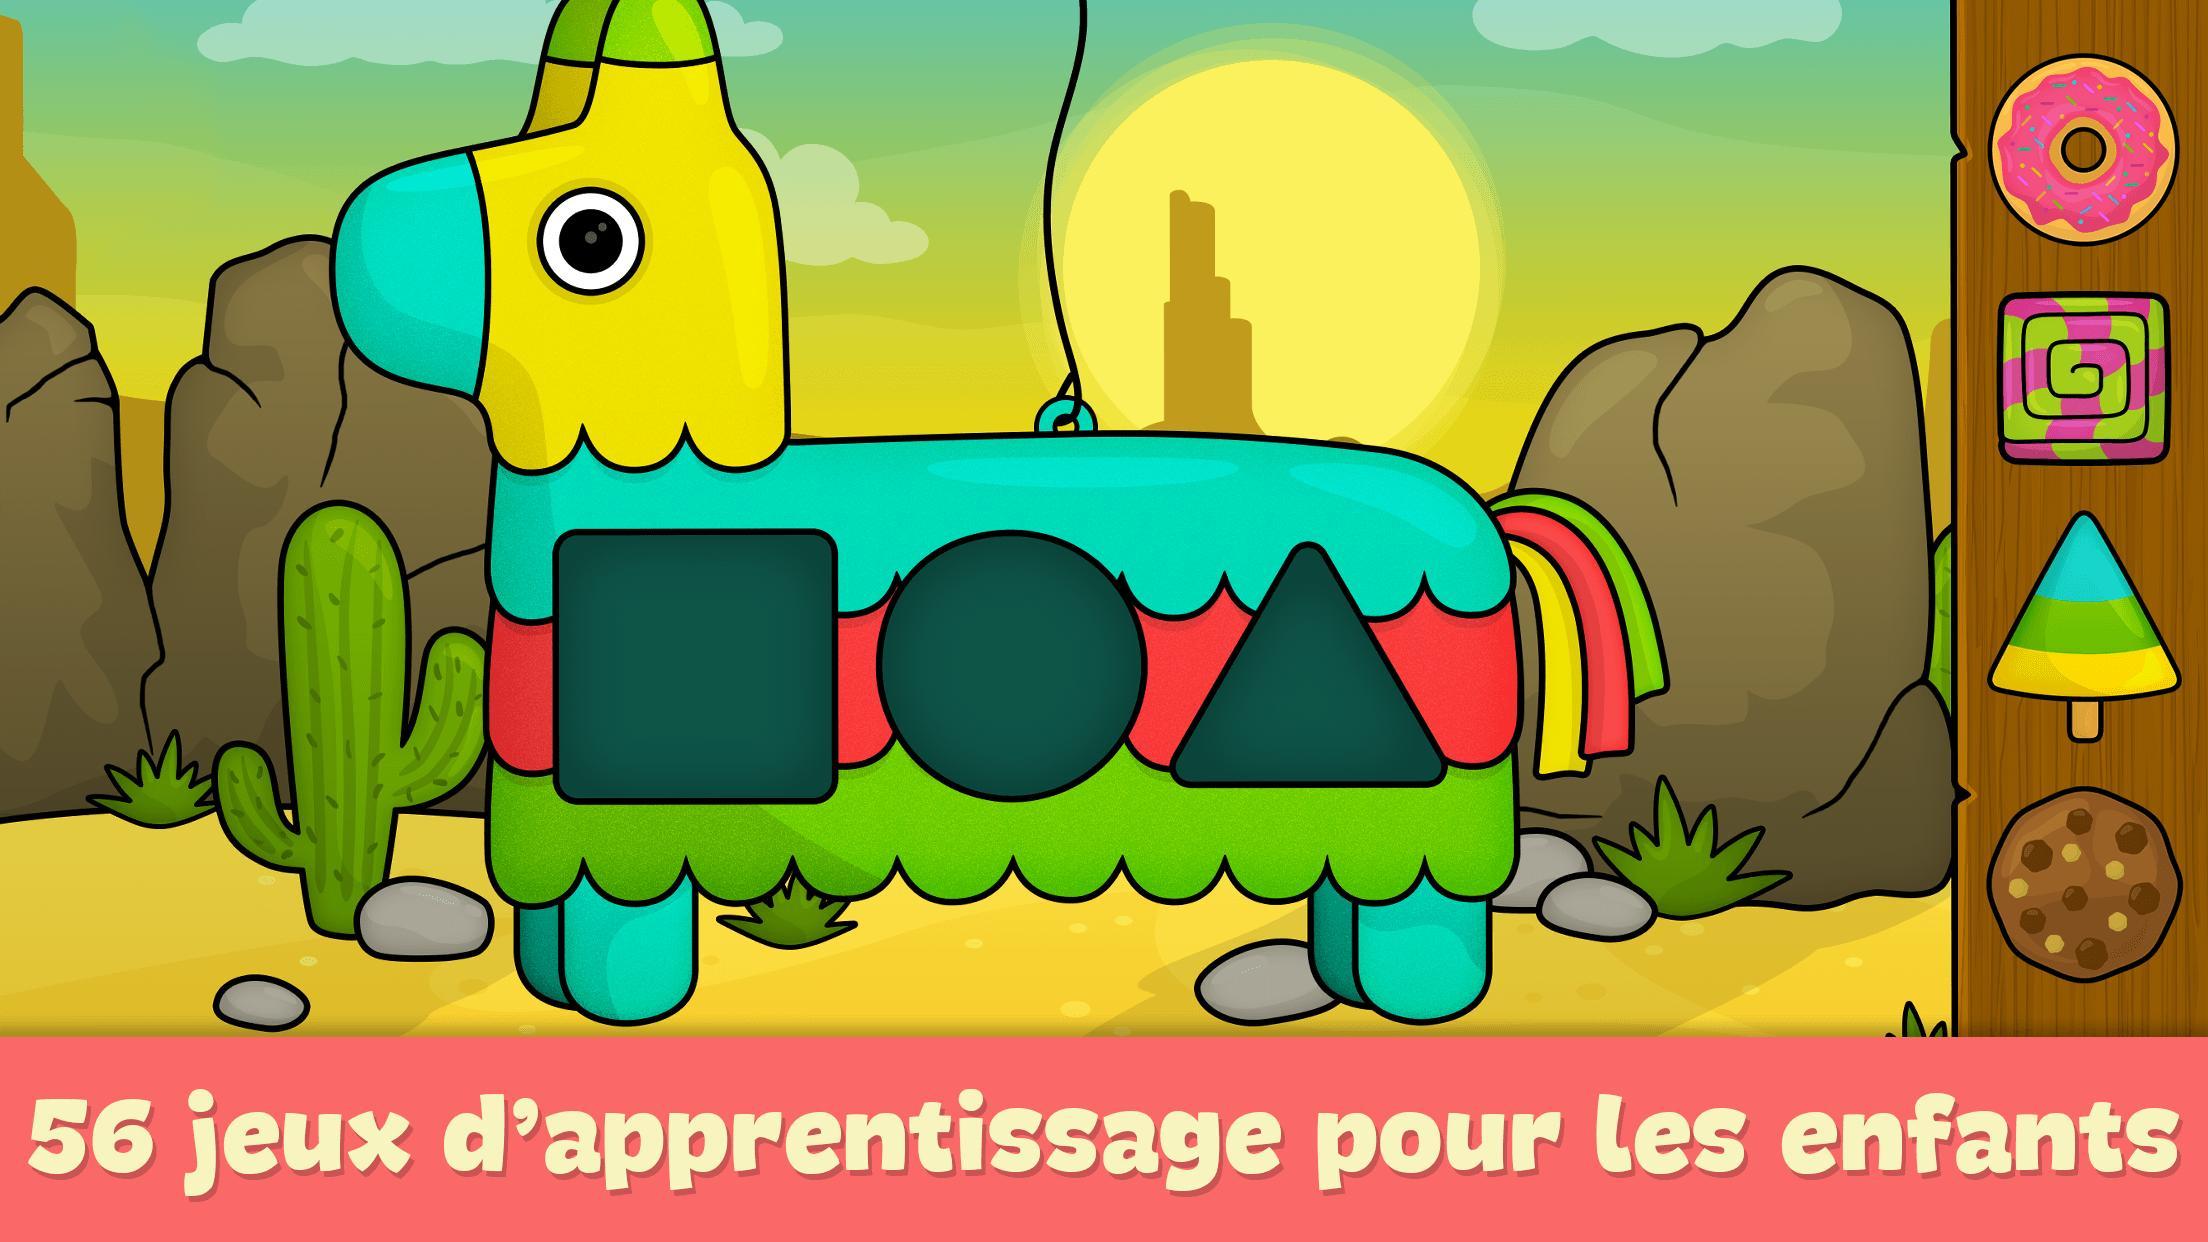 Jeux Pour Enfants 2 - 5 Ans Pour Android - Téléchargez L'apk à Jeux Pour Bébé 2 Ans